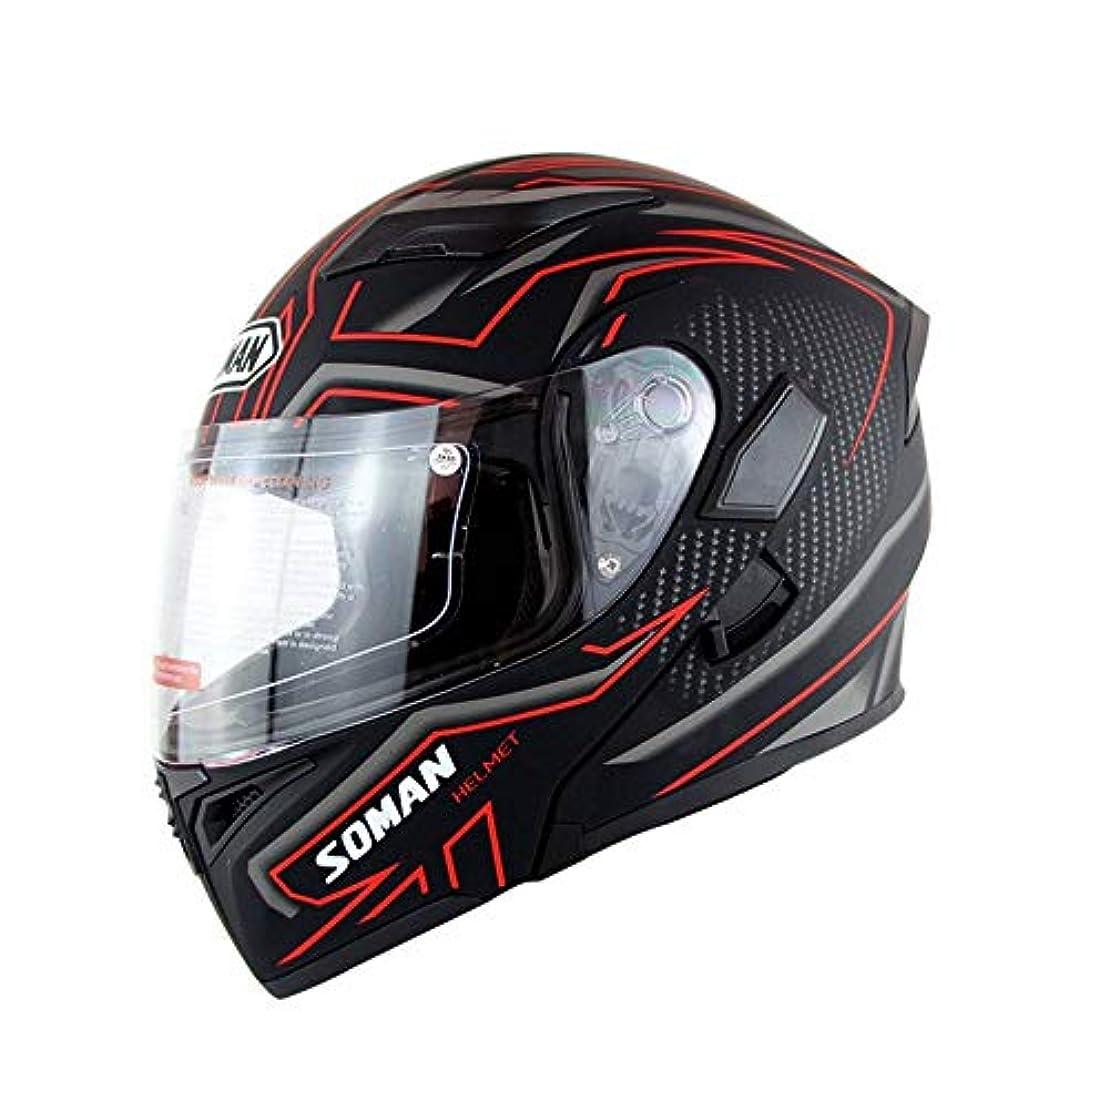 抹消中毒しがみつくHYH ダブルレンズ電動オートバイヘルメット成人男性と女性の安全ヘルメット通気性の快適防眩ヘルメット - レッドストライプ いい人生 (Size : S)